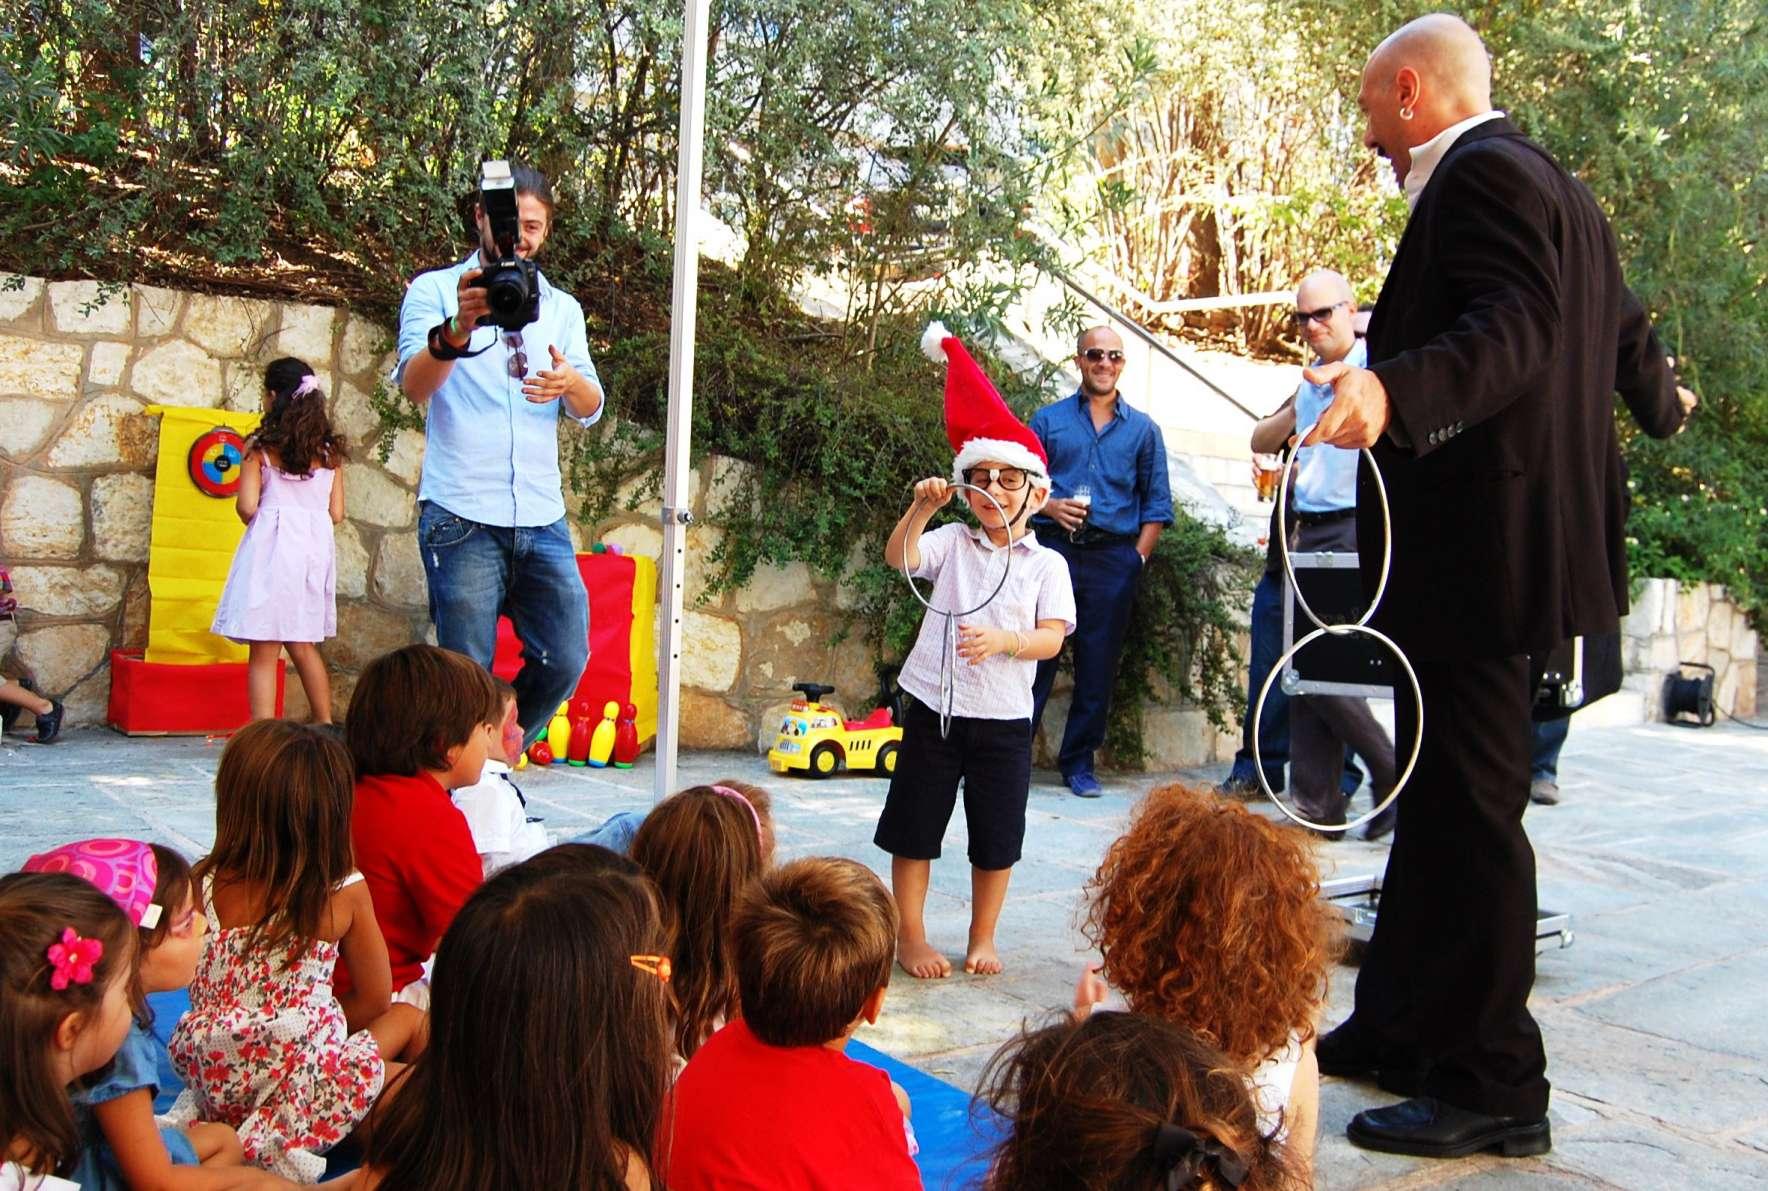 Ταχυδακτυλουργός με εθελοντή παιδί από το κοινό προσφέρει θέαμα σε πάρτυ βάφτισης